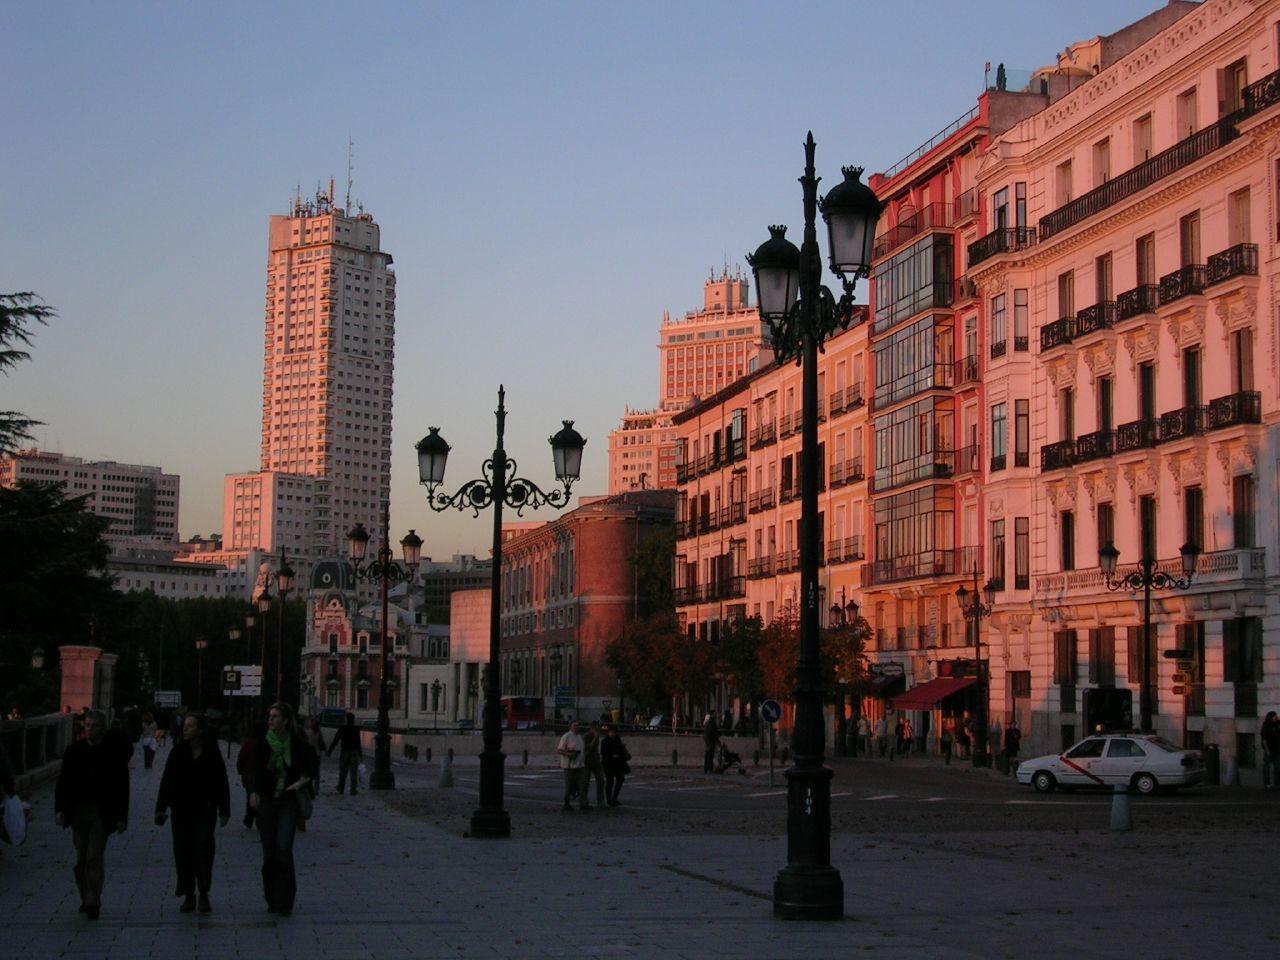 Calle_de_Bail%C3%A9n_(Madrid)_01.jpg